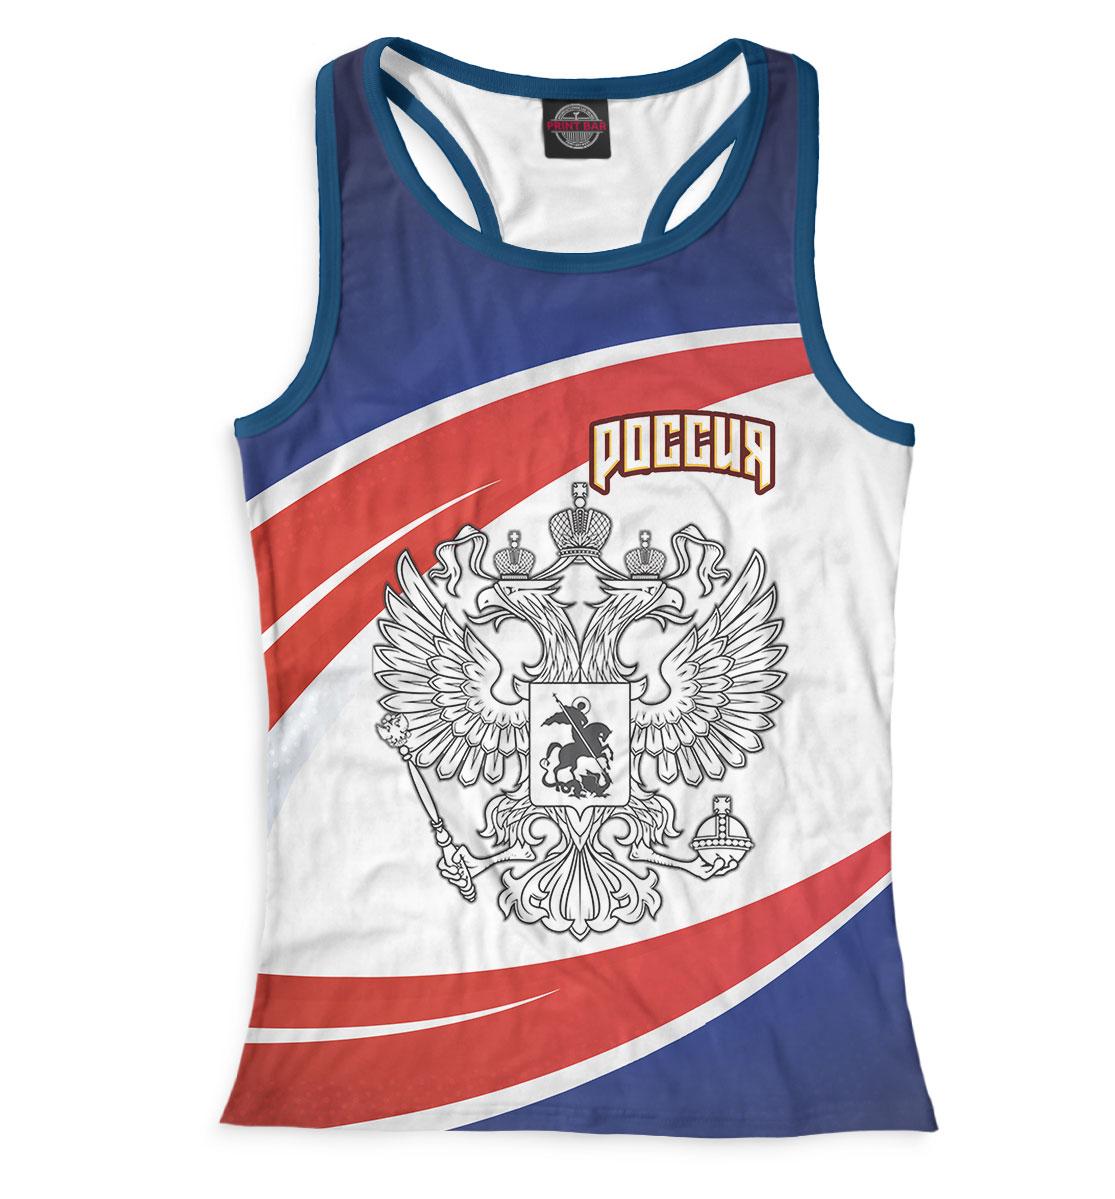 Купить Сборная России, Printbar, Майки борцовки, FRF-942656-mayb-1